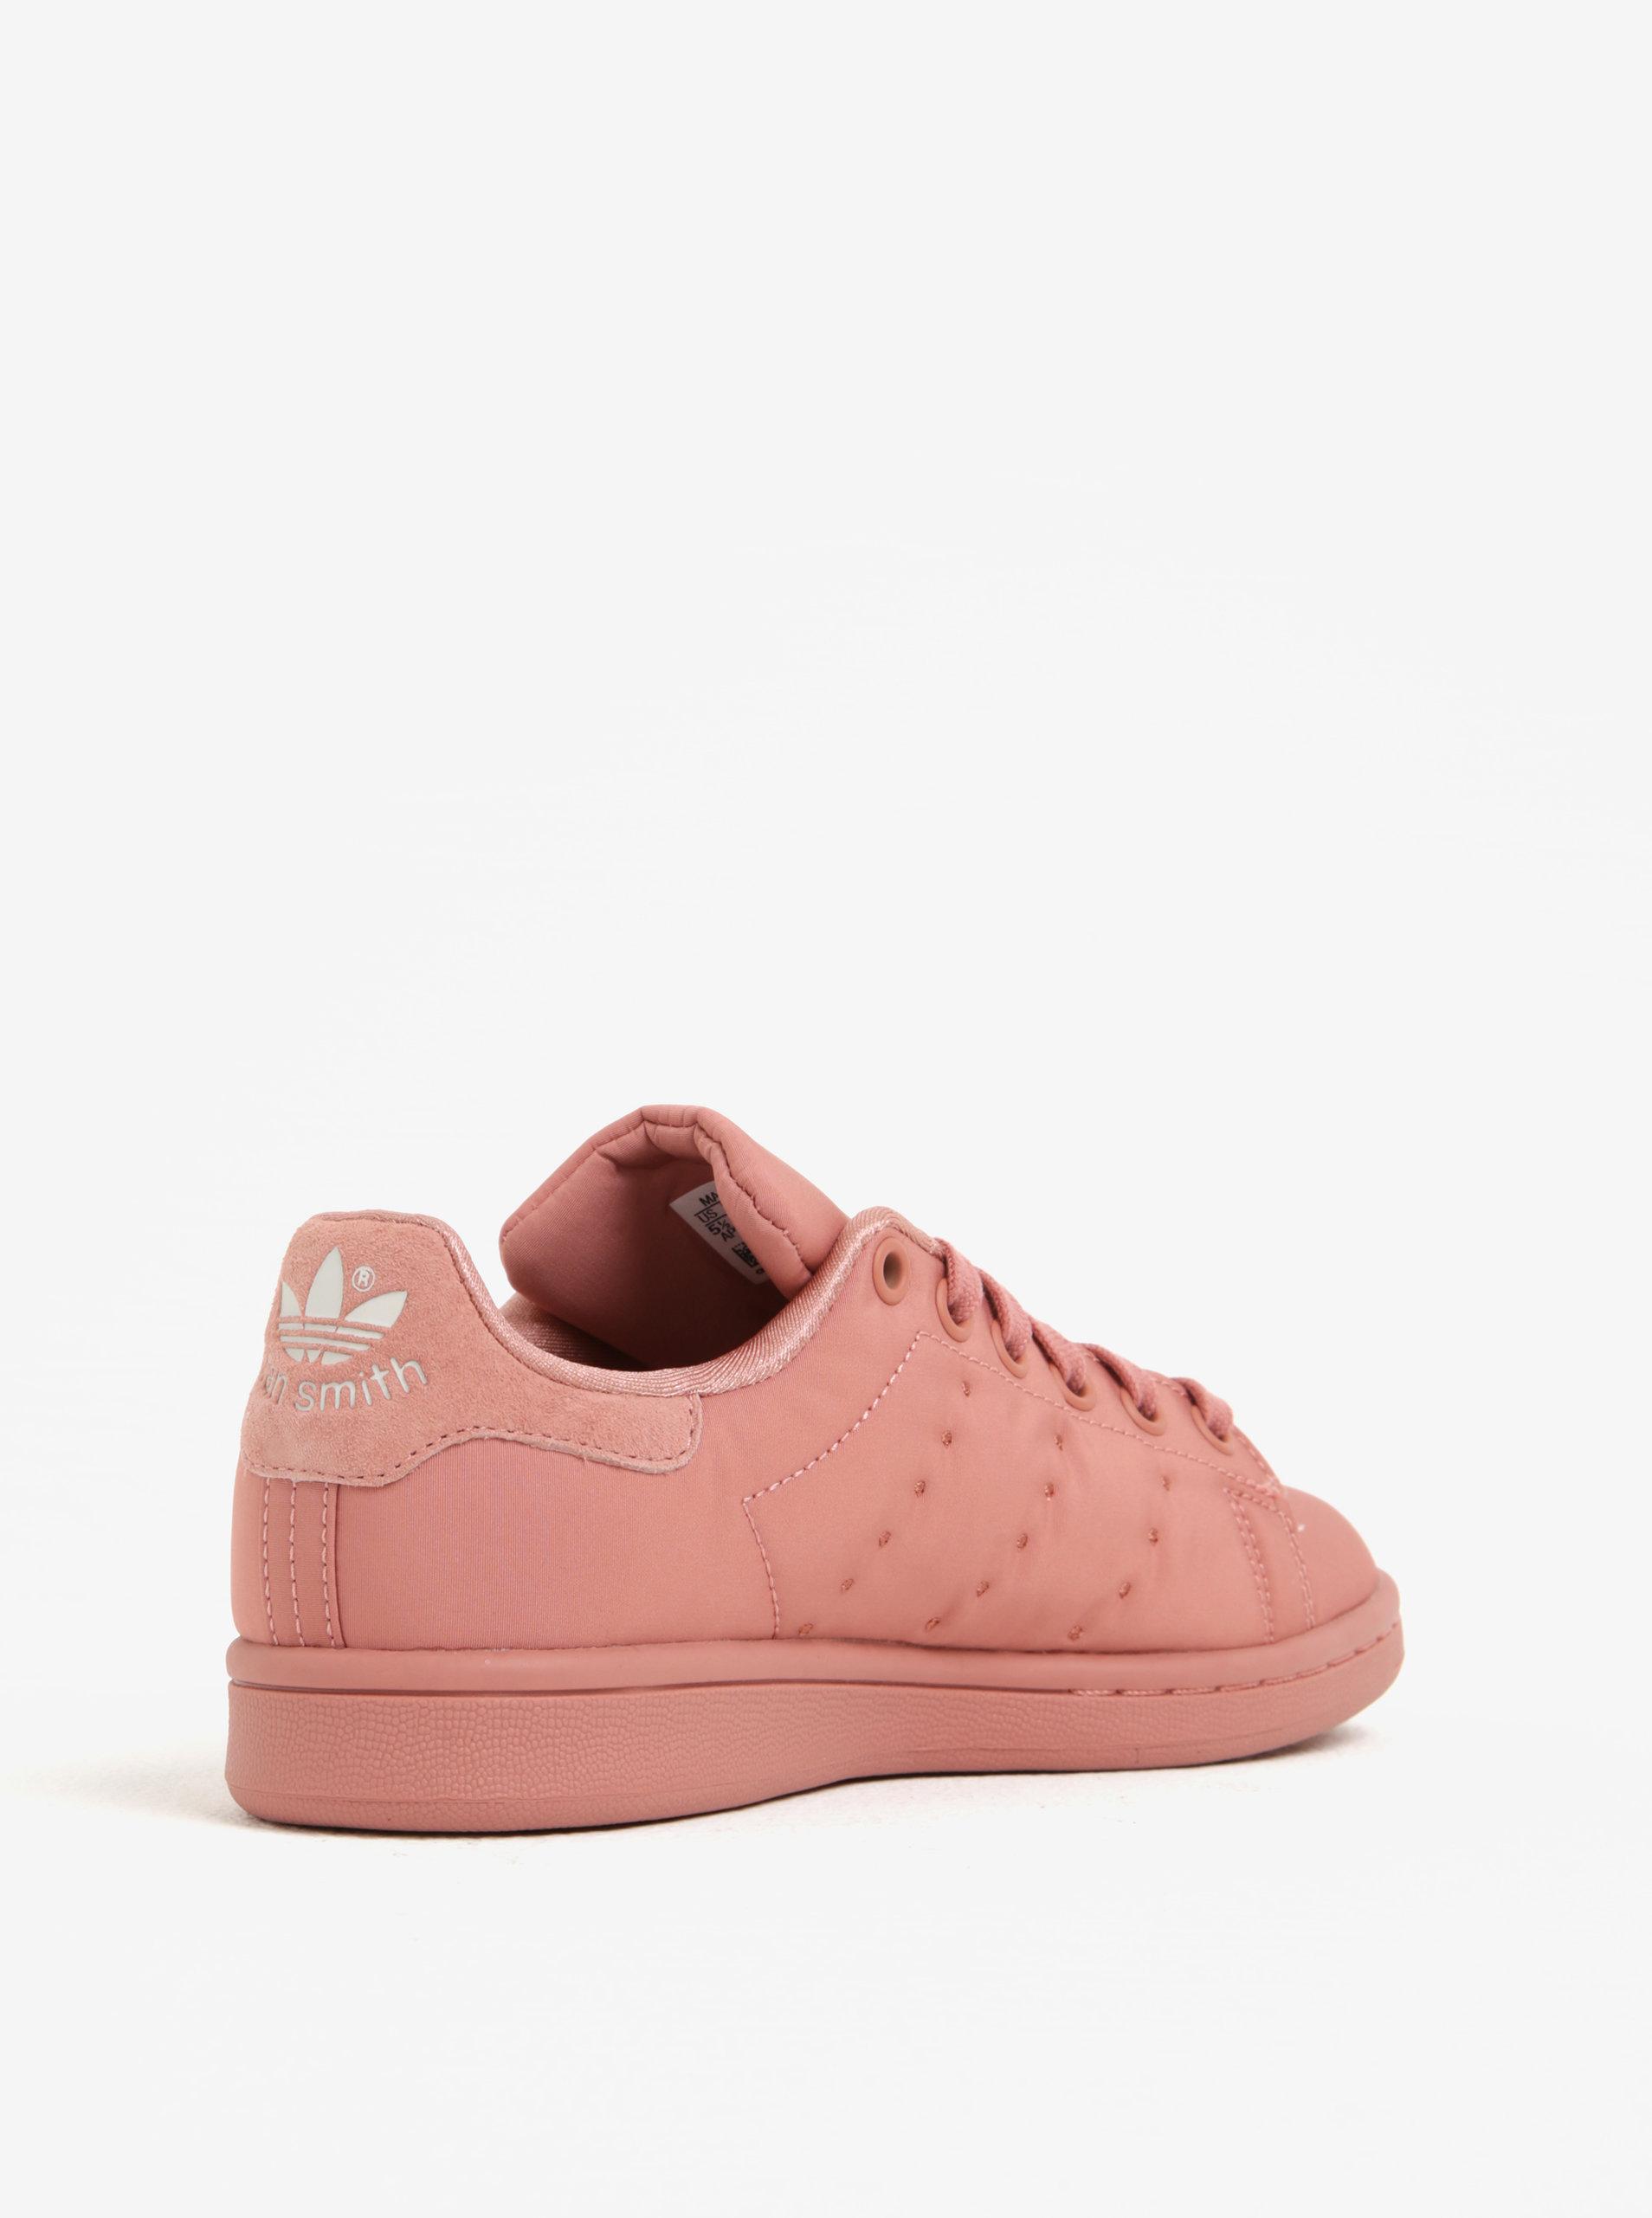 1e26a26d58adc Ružové dámske tenisky adidas Originals Stan Smith | ZOOT.sk